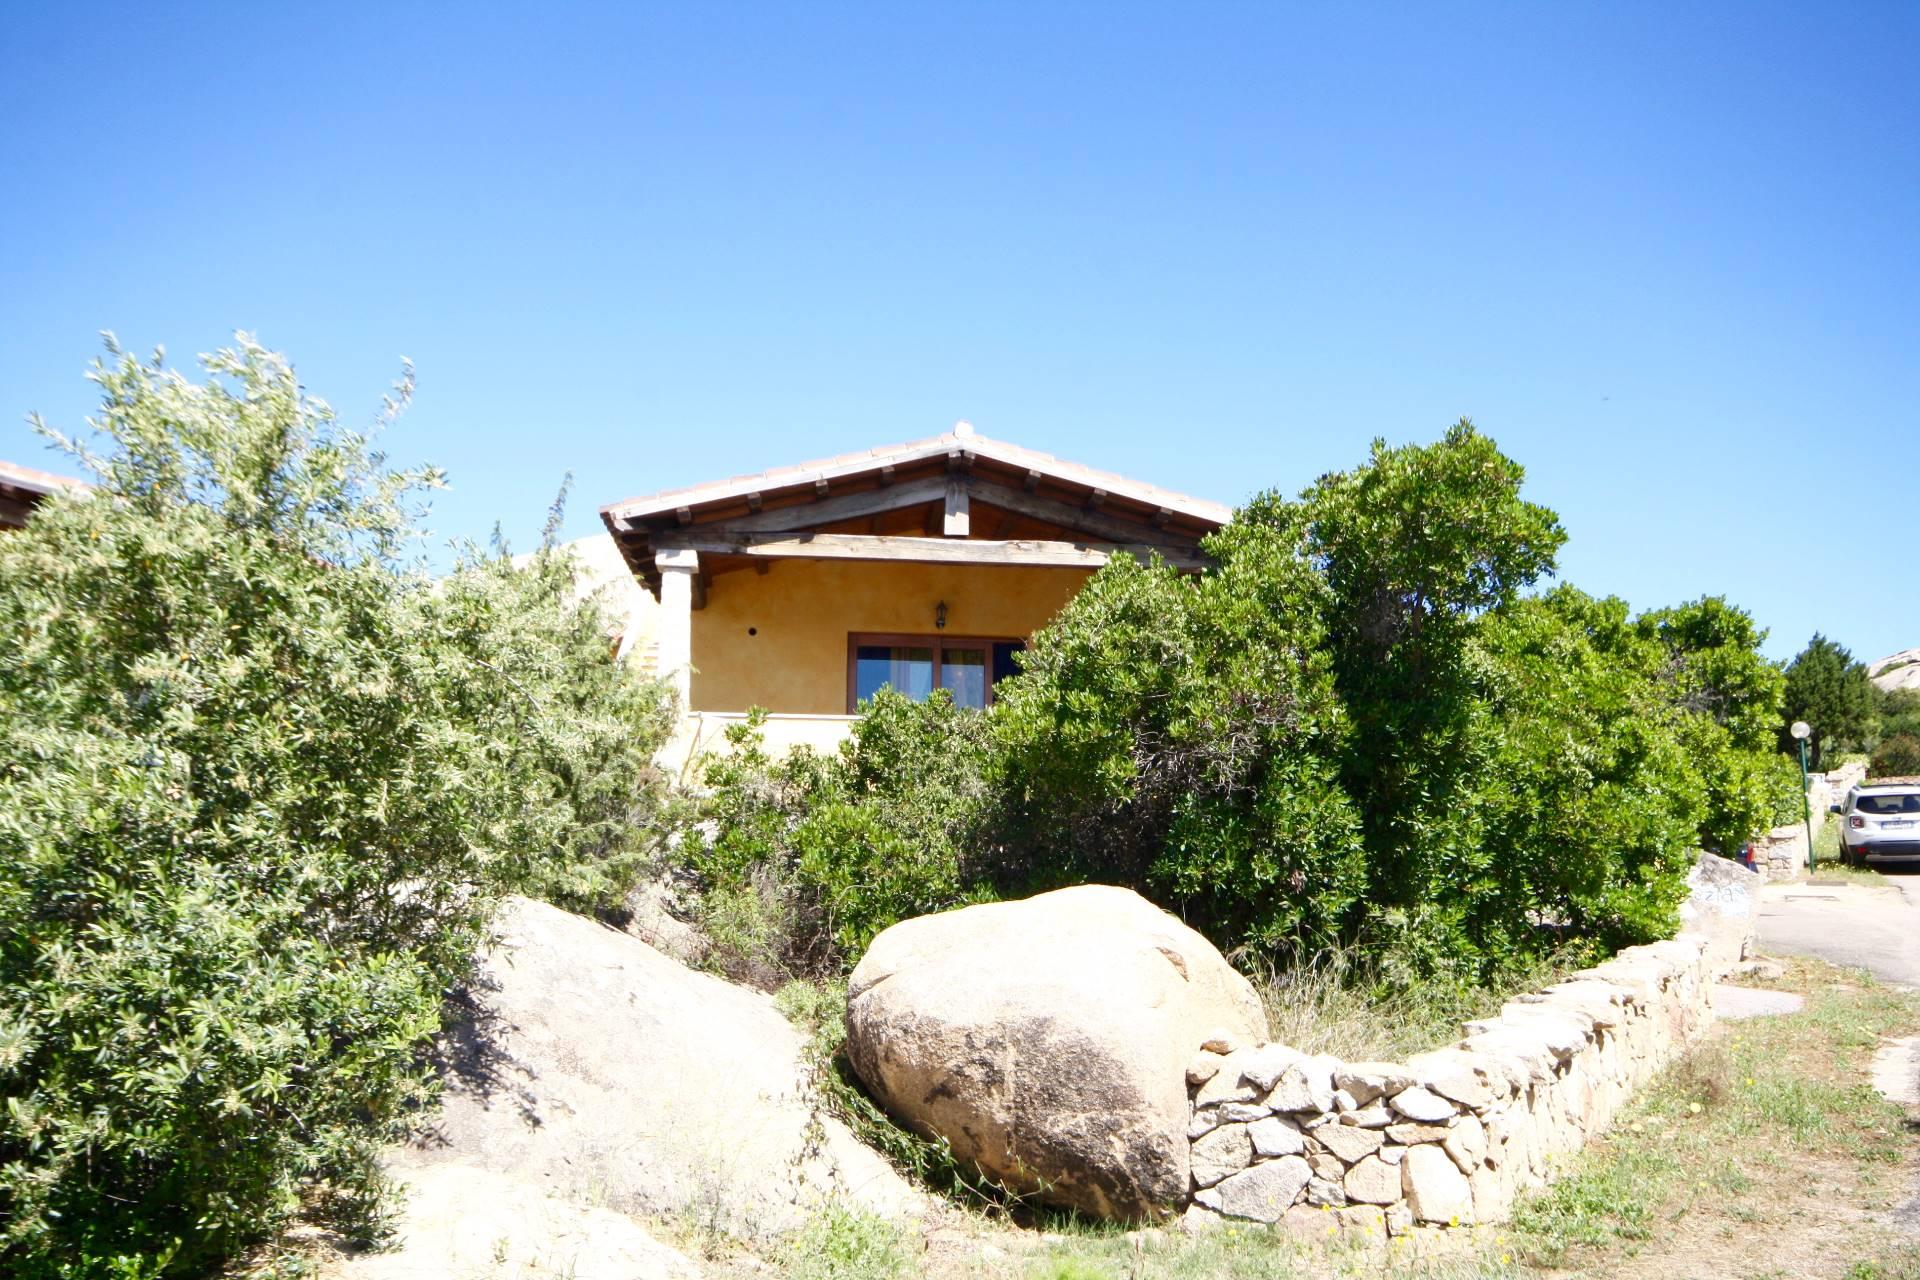 Villa in vendita a San Teodoro, 5 locali, prezzo € 360.000 | CambioCasa.it